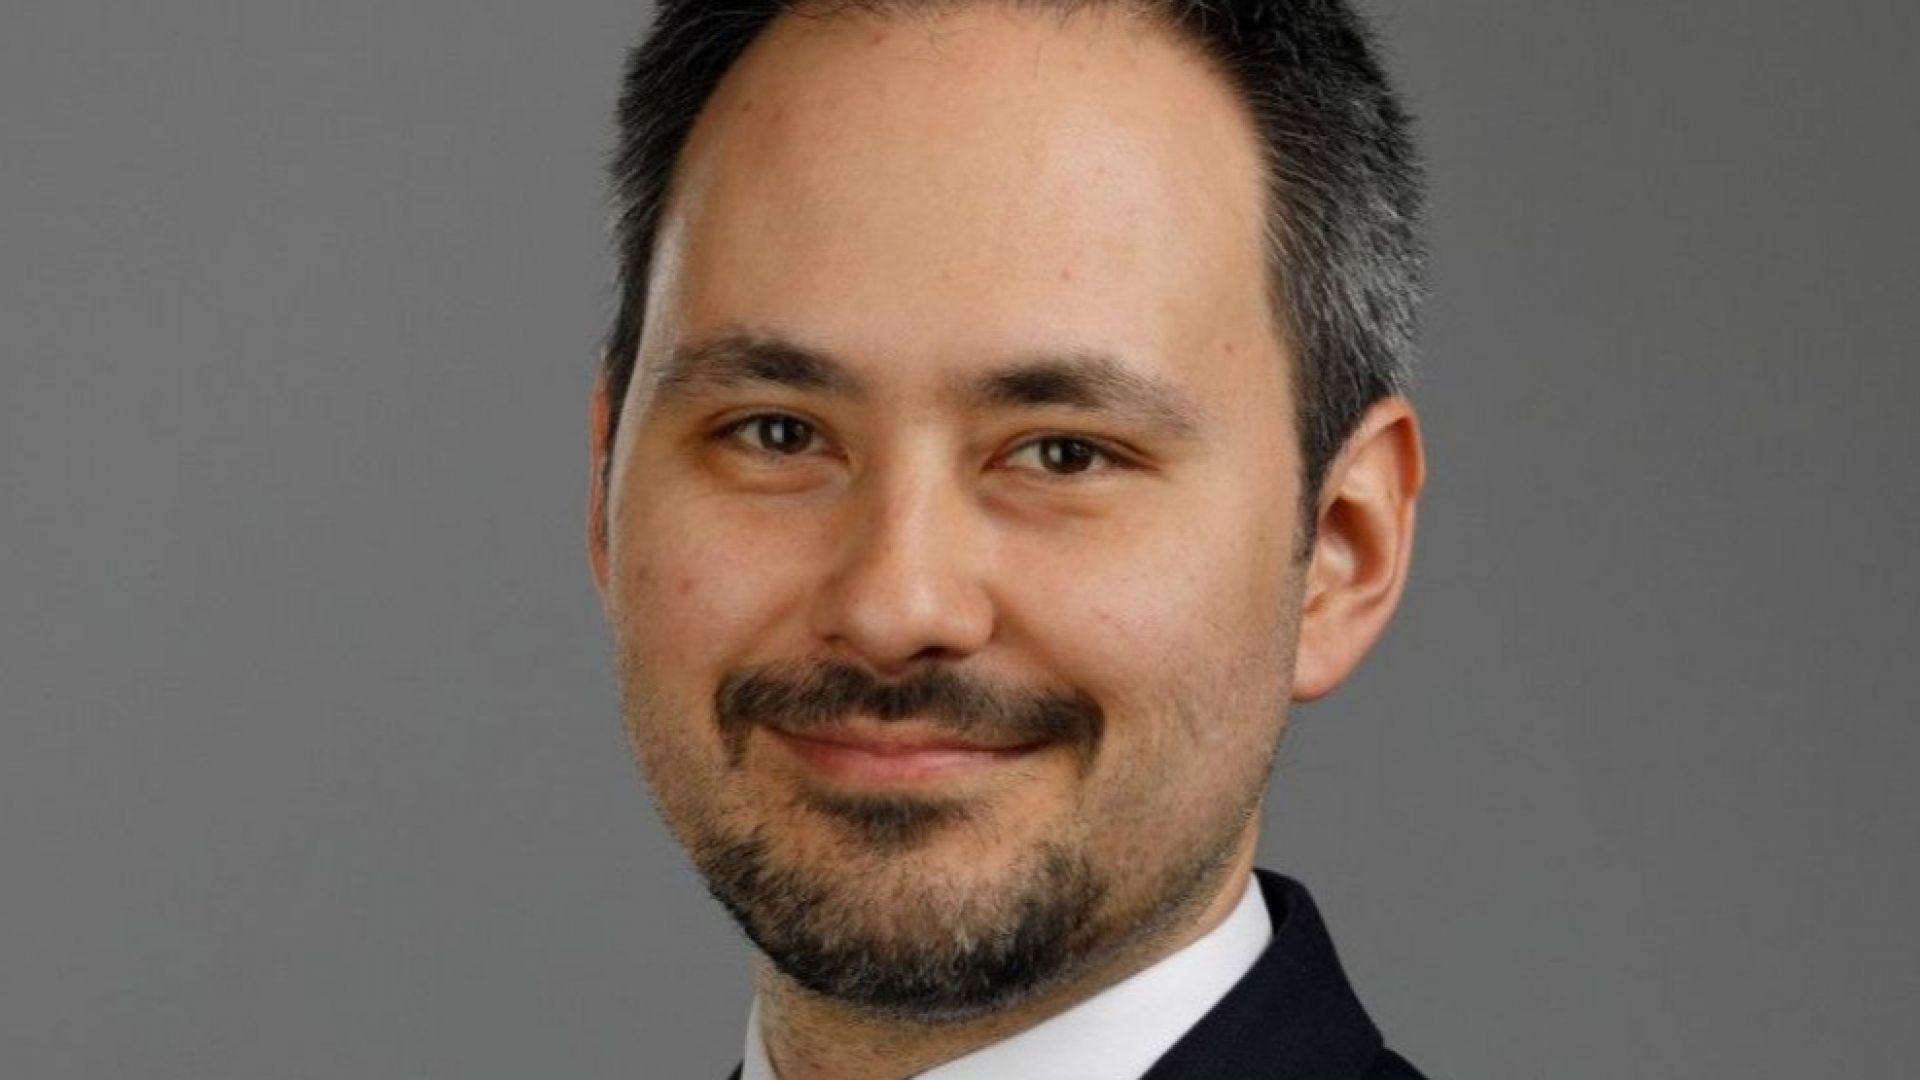 Д-р Виктор Серафимов: Можем да надскочим 111-то място по свобода на словото и да завършим съдебната реформа